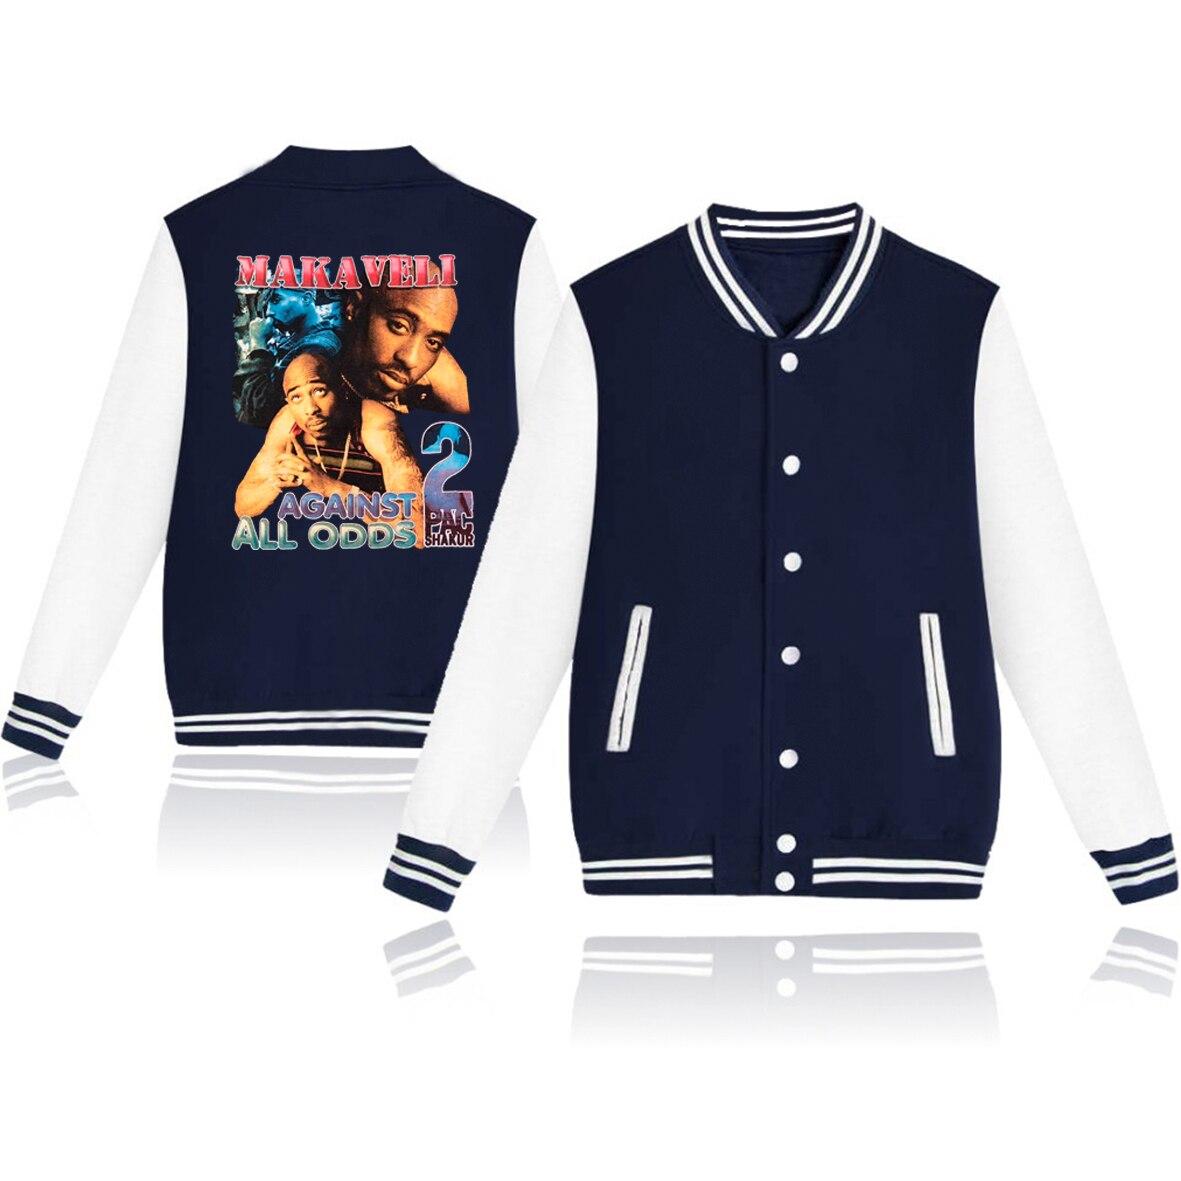 2pac крутая Мужская Куртка Harajuku уличная одежда Jay Z бейсбольные куртки унисекс Зимние куртки Harajuku пэчворк куртка-бомбер Топы